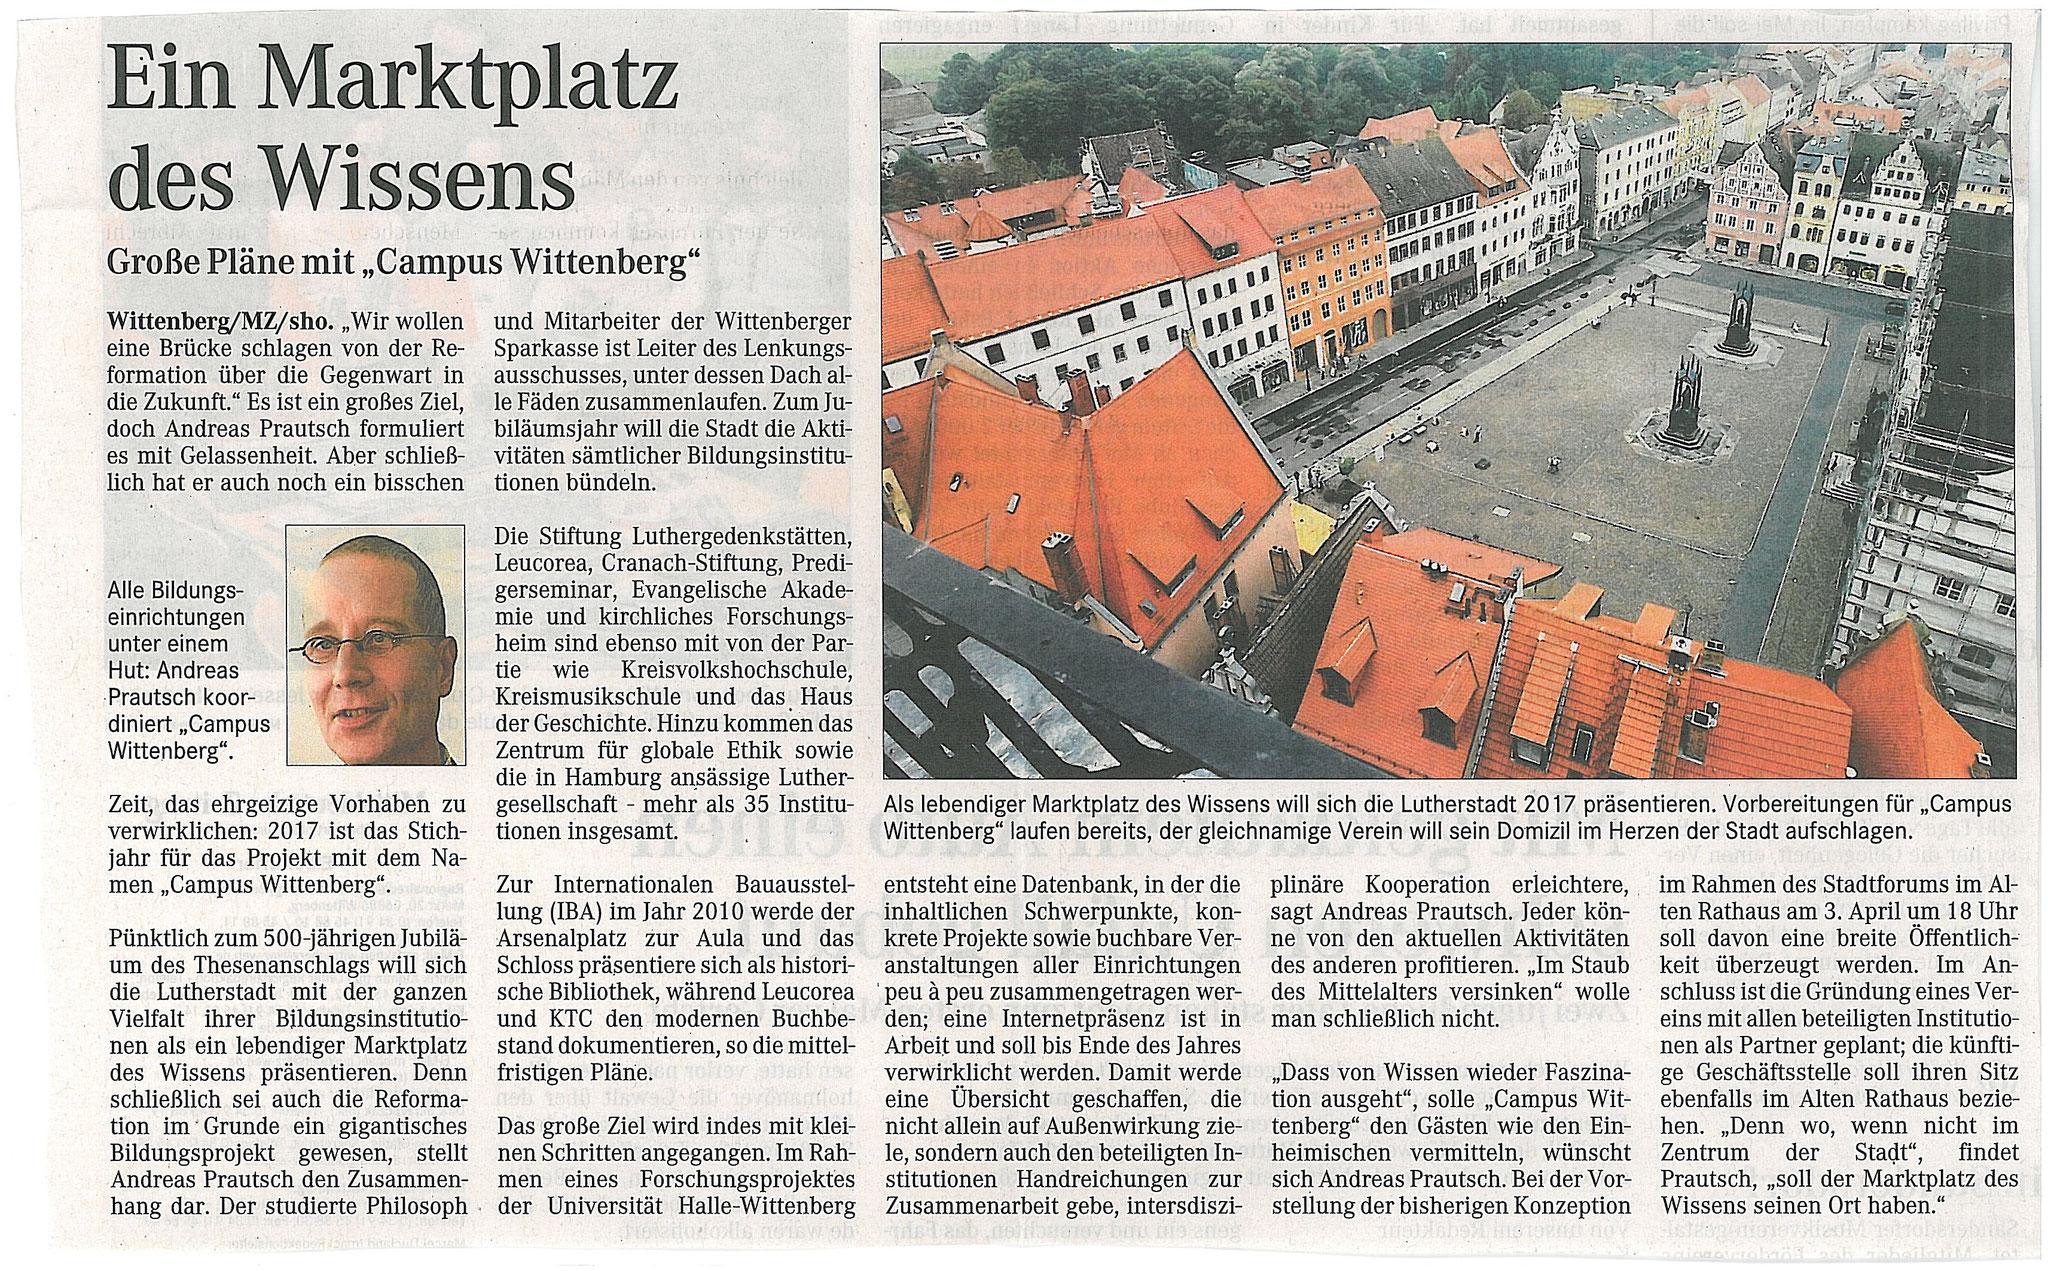 """Mitteldeutsche Zeitung (""""MZ""""): Geschäftsführer CAMPUS  WITTENBERG: Befristete Abordnung zur """"IBA 2010"""" als Wissenschaftssponsoring der Sparkasse  - 2006"""